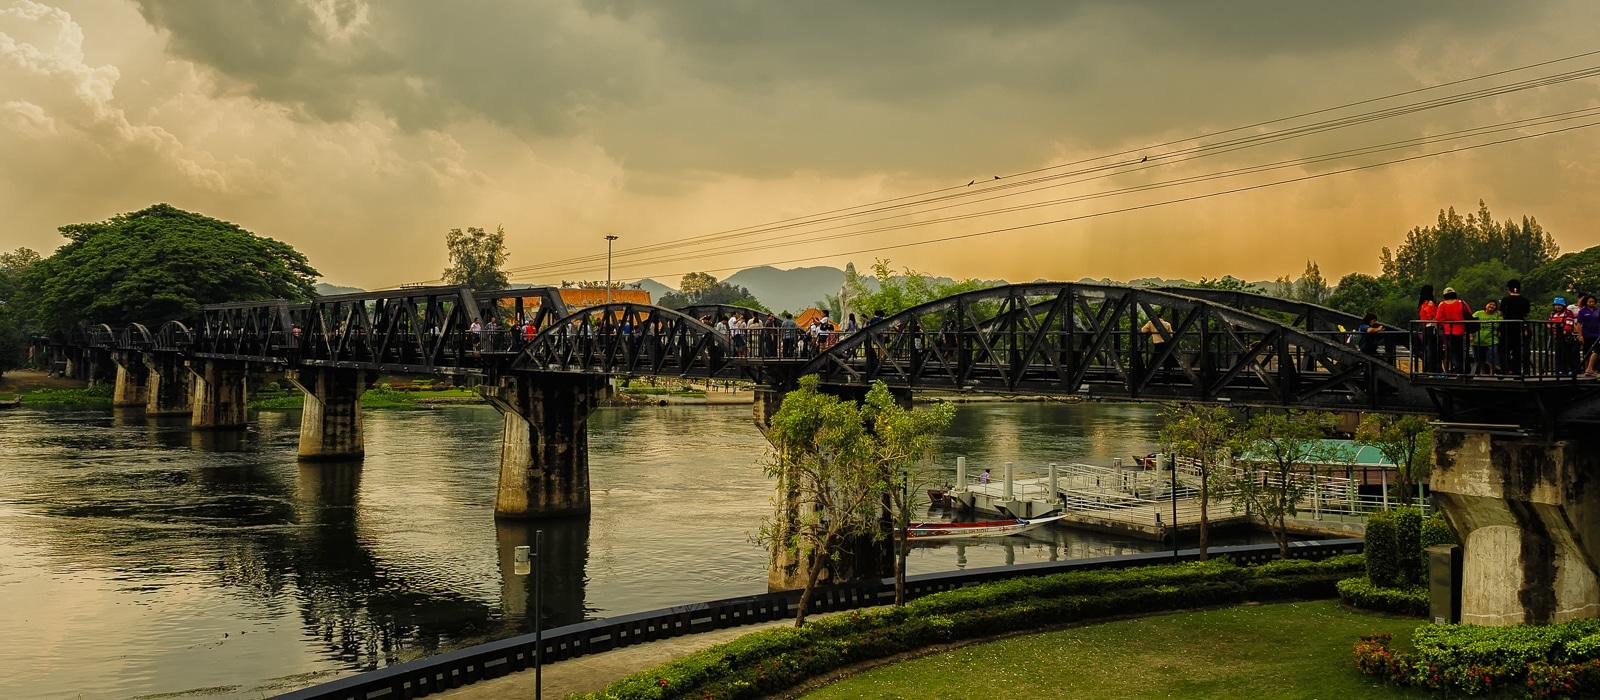 img-diapo-entete - thailande-1600x700-15.jpg